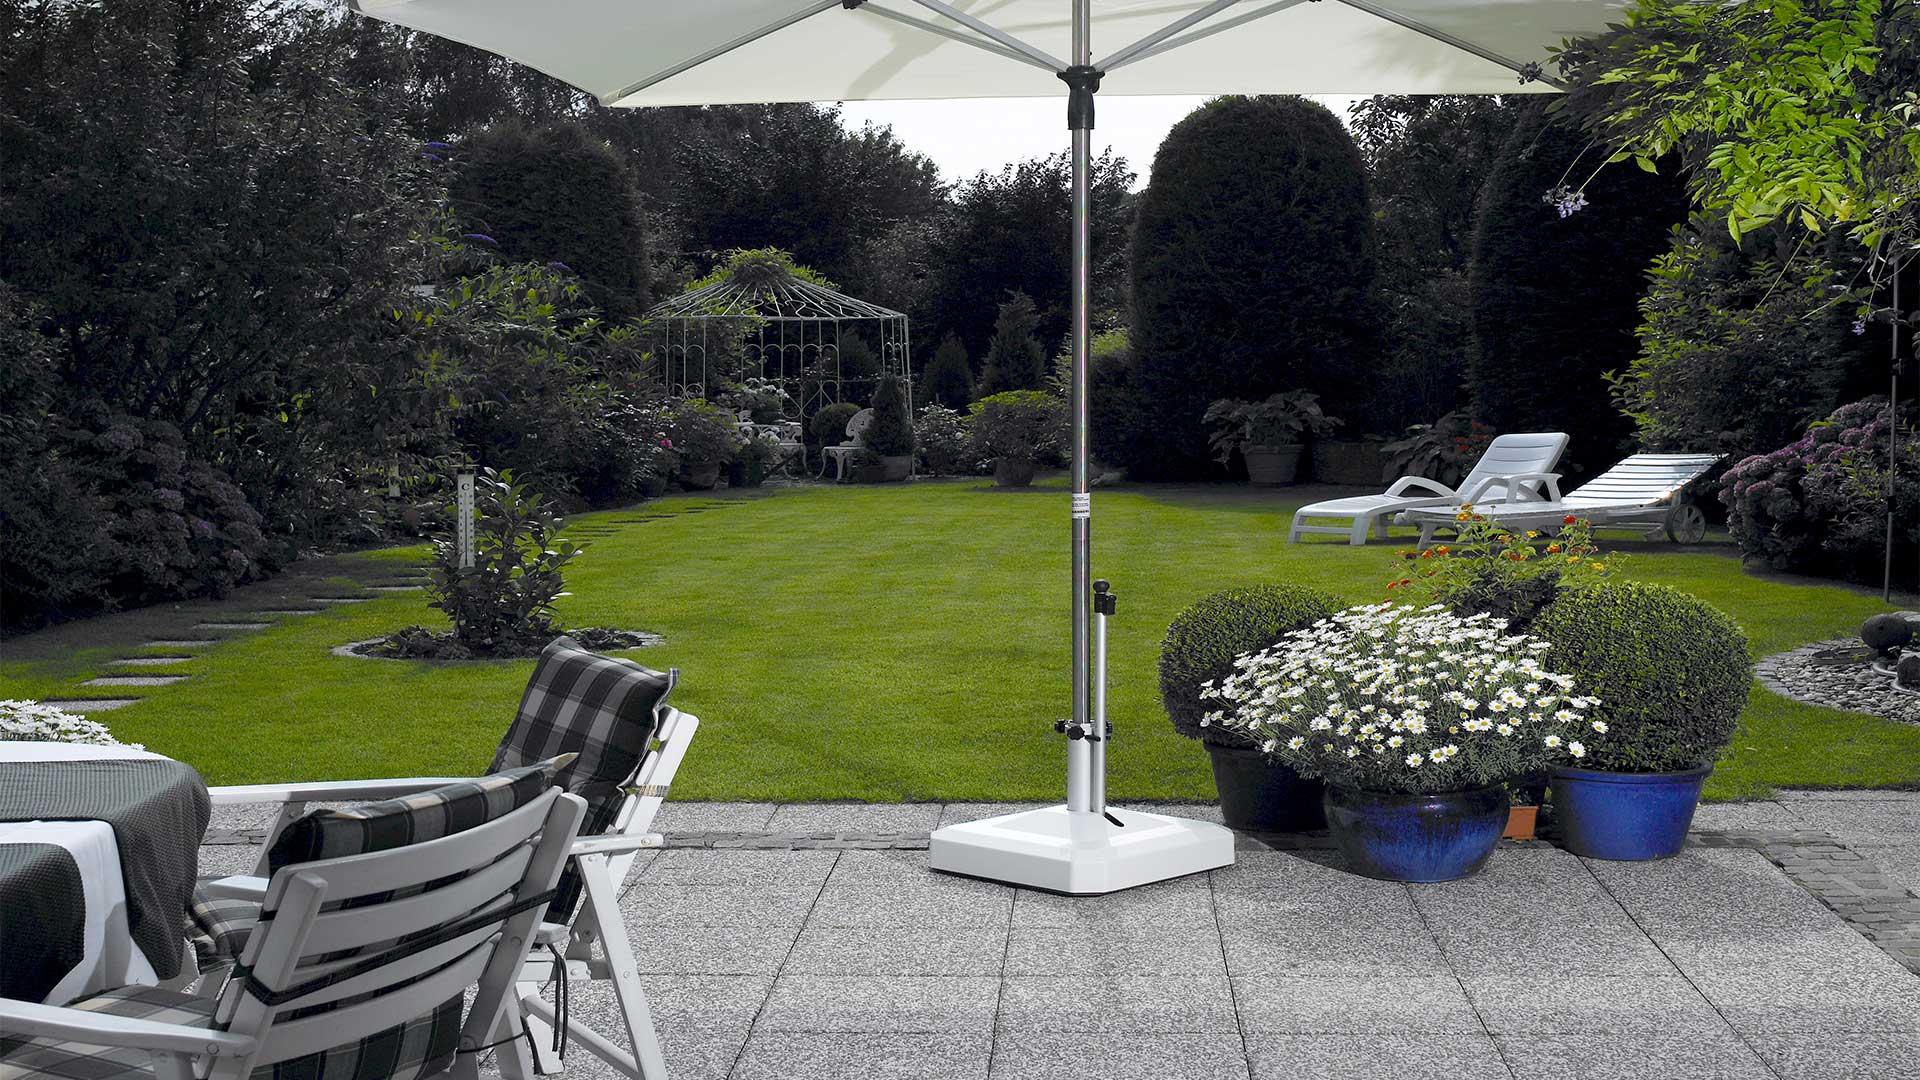 contact luxury outdoor living llc